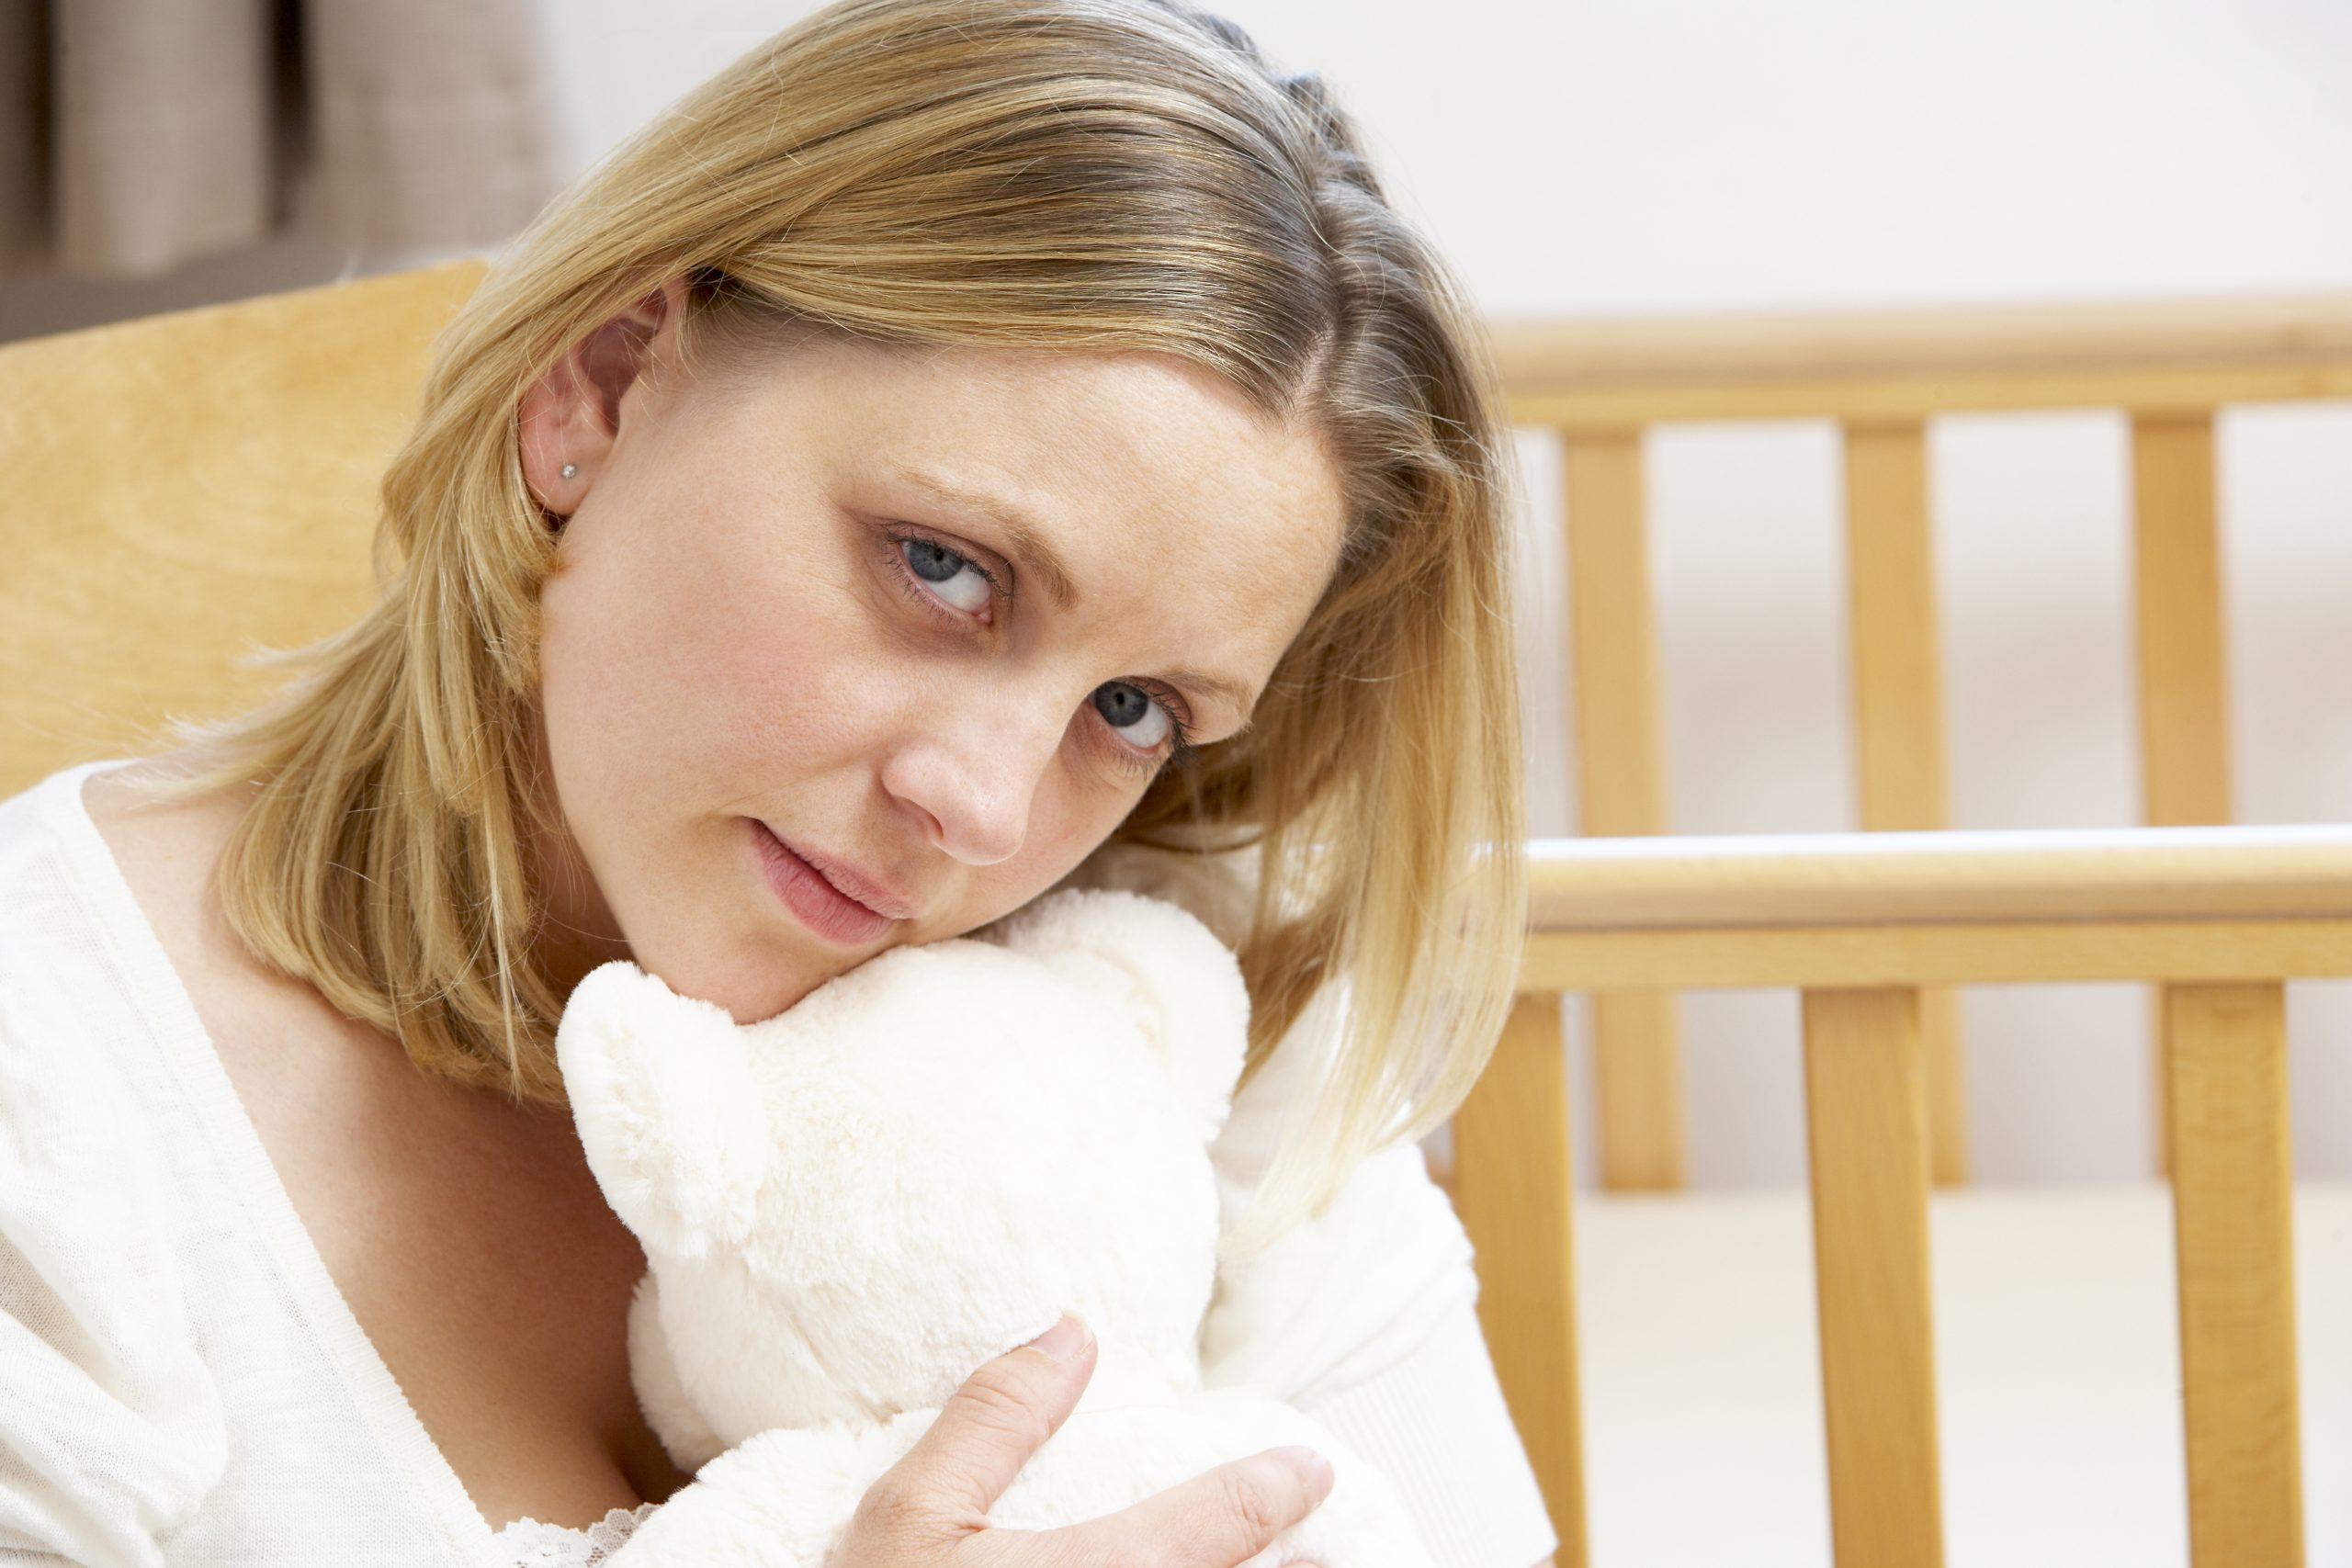 Jakie są objawy poronienia?